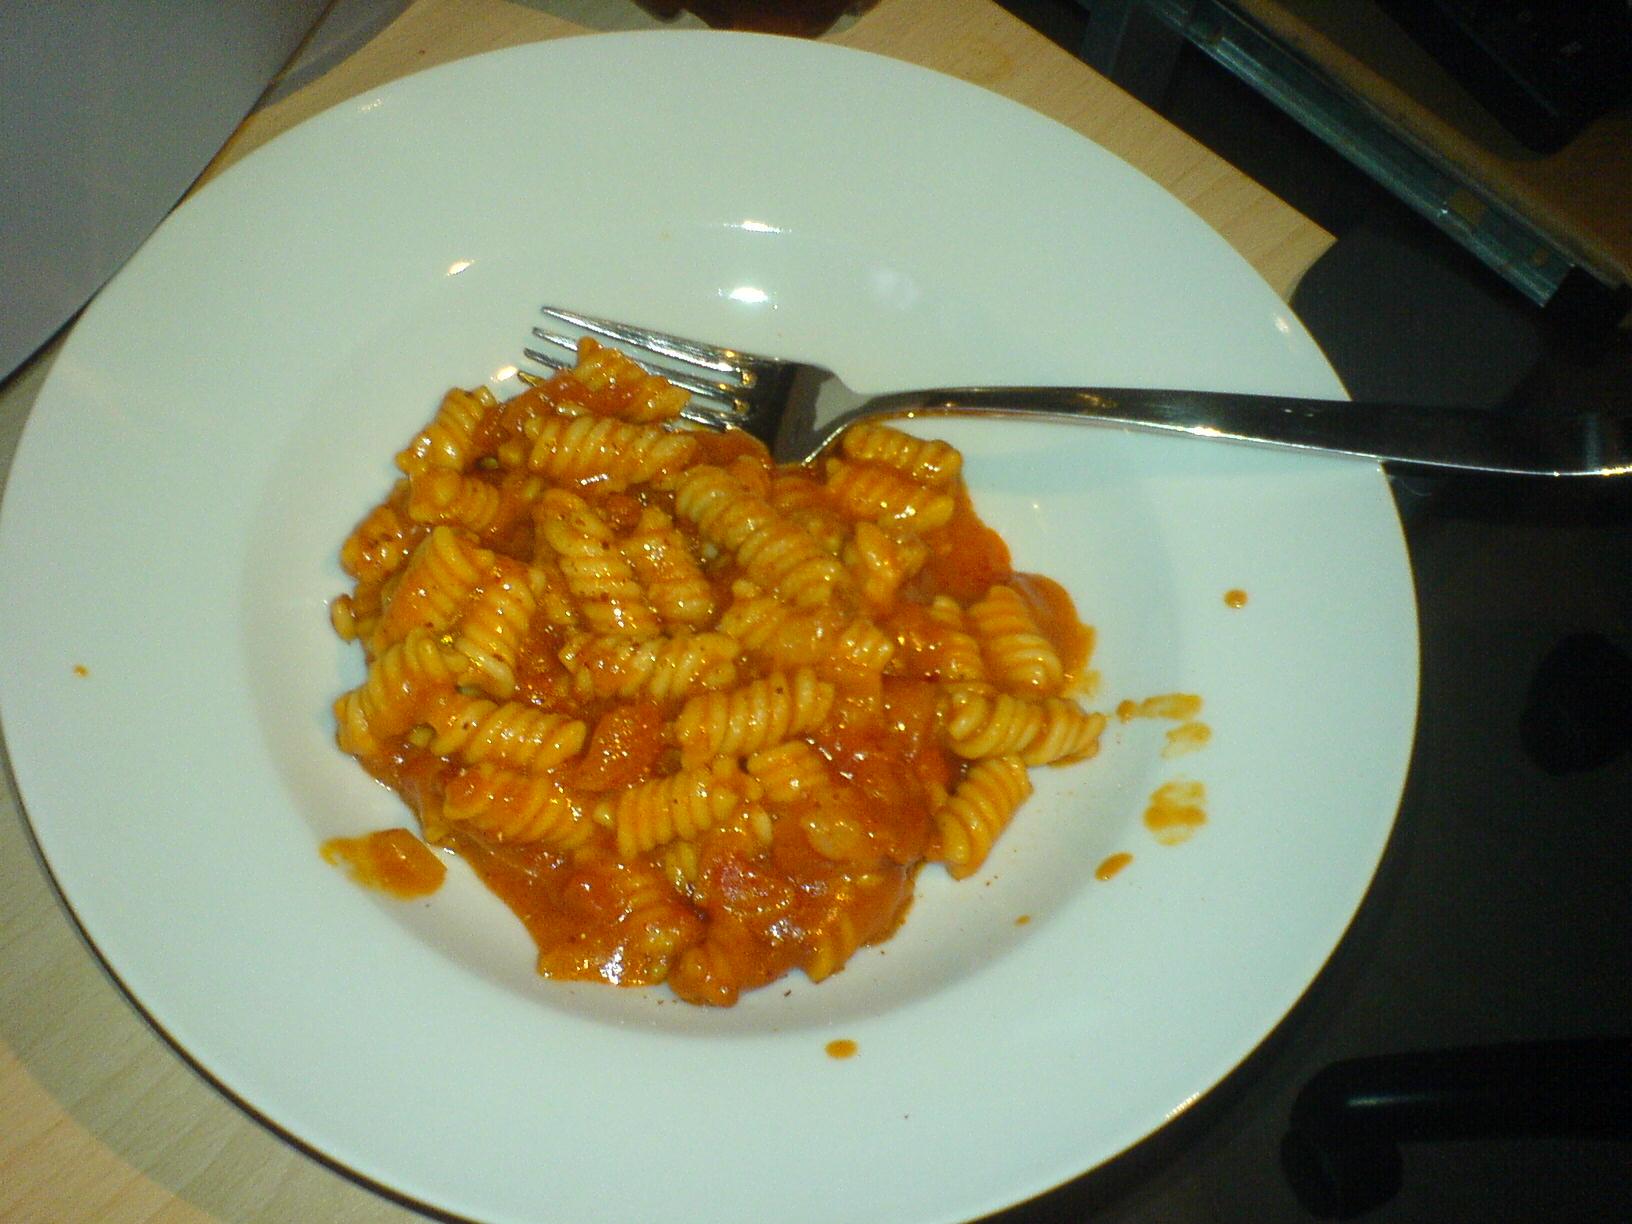 https://foodloader.net/Holz_2009-03-30_Fusilli_Tomate.jpg